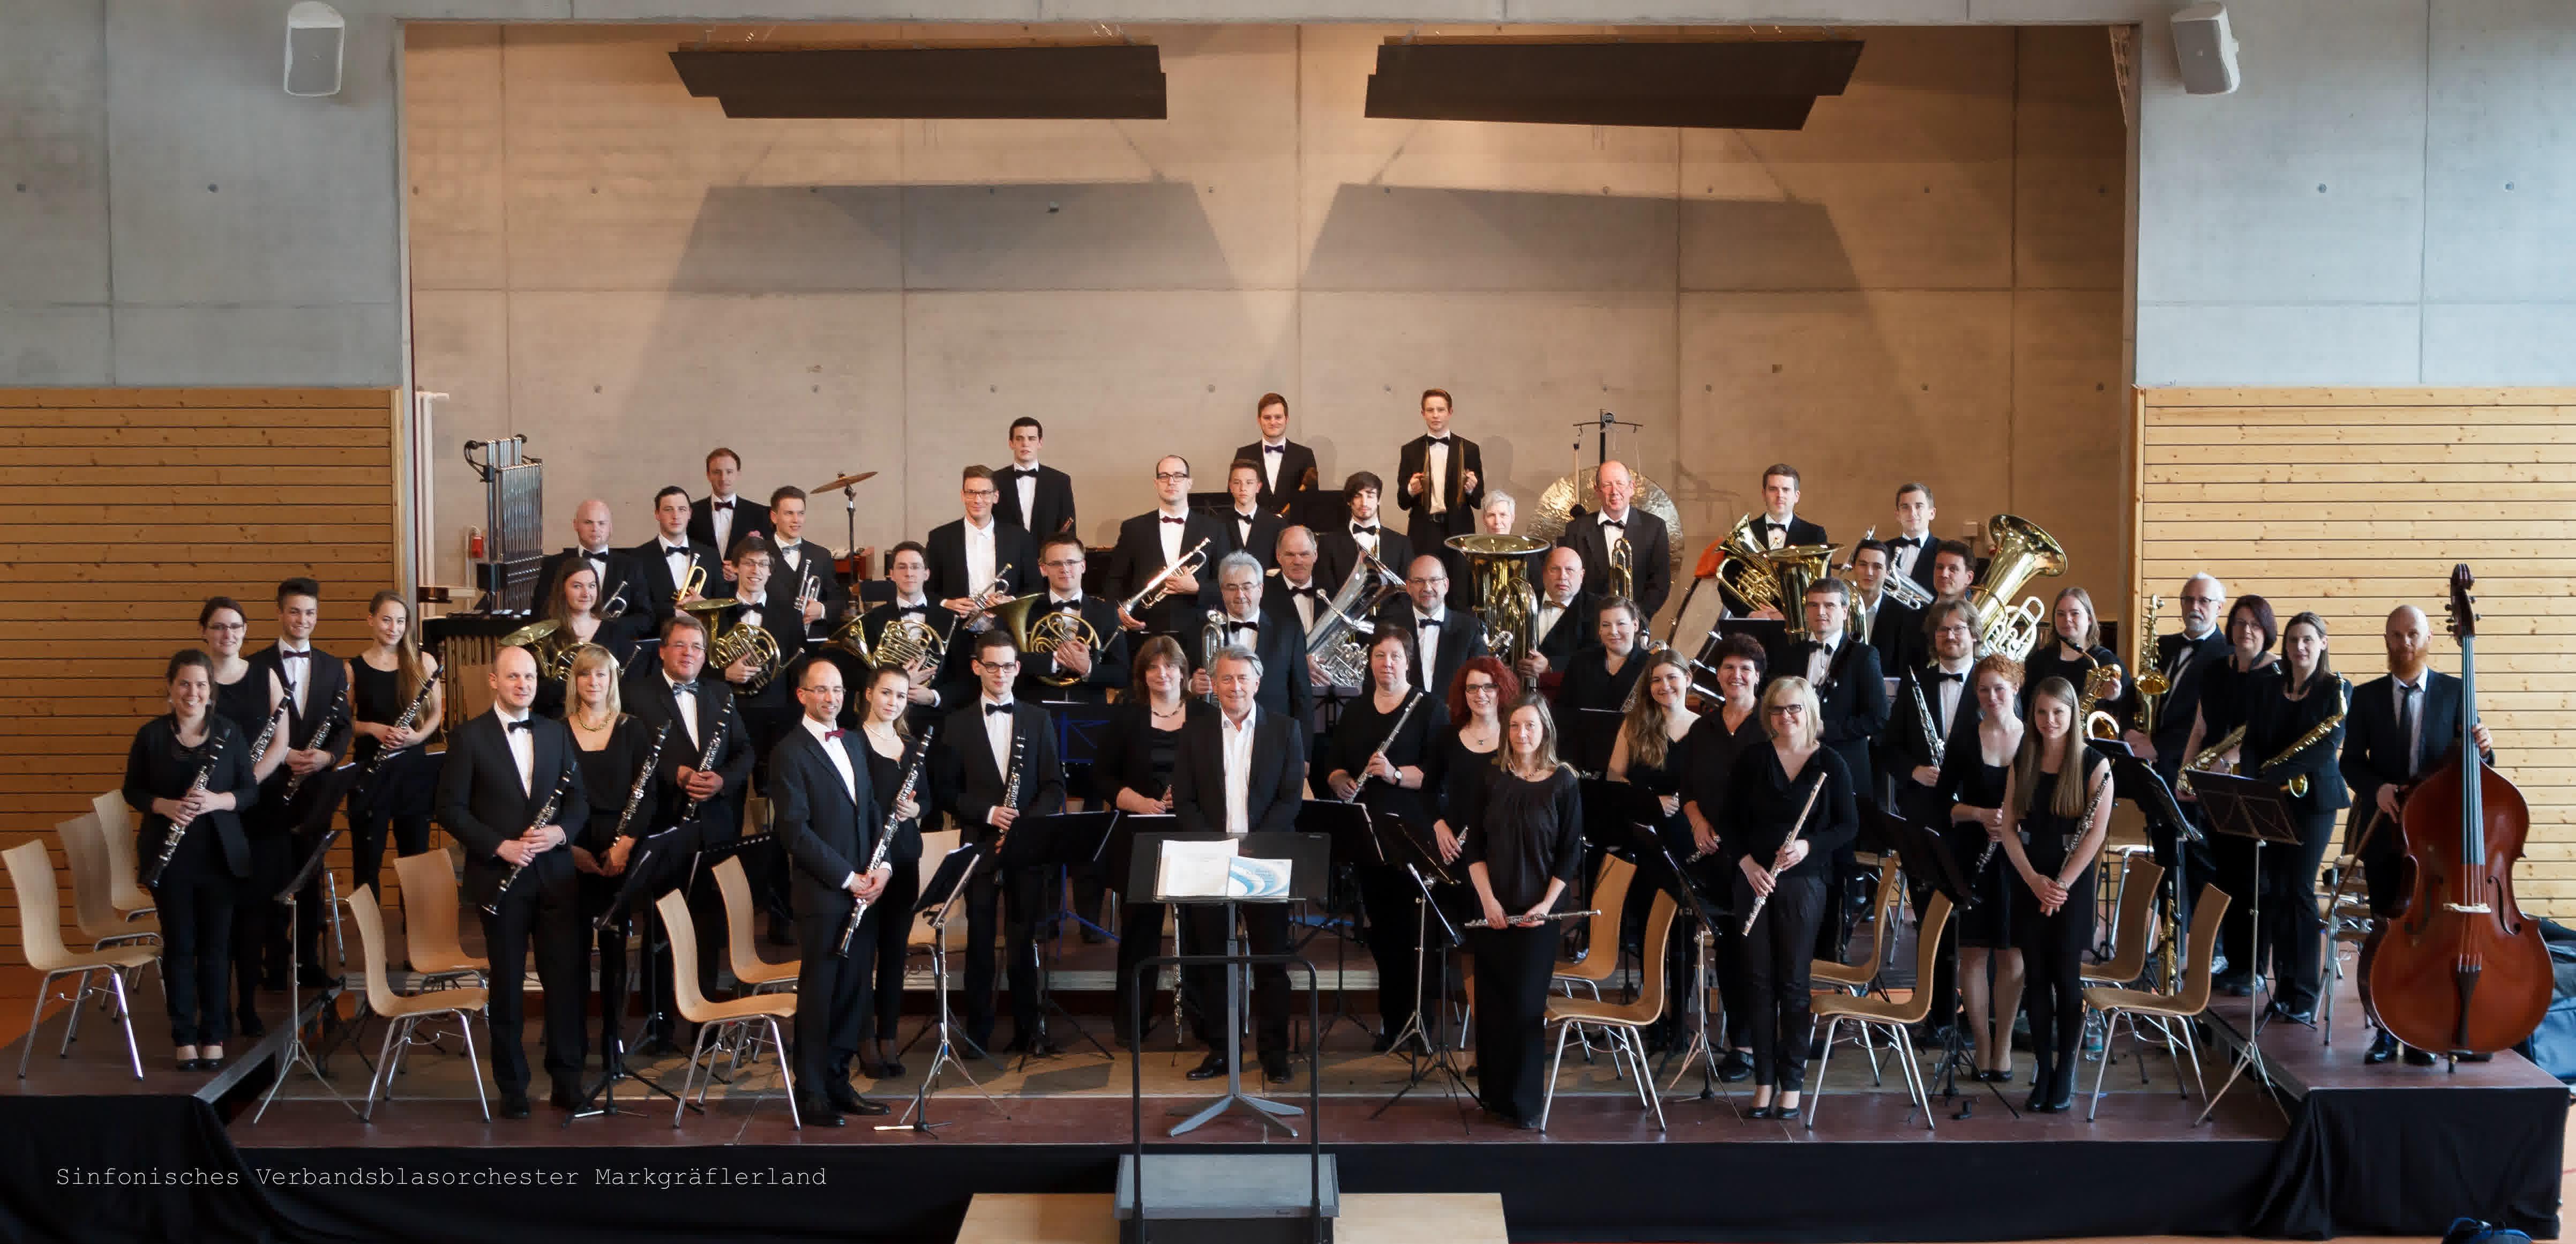 Das besondere Konzert: Sinfonisches Verbandsblasorchester Markgräflerland